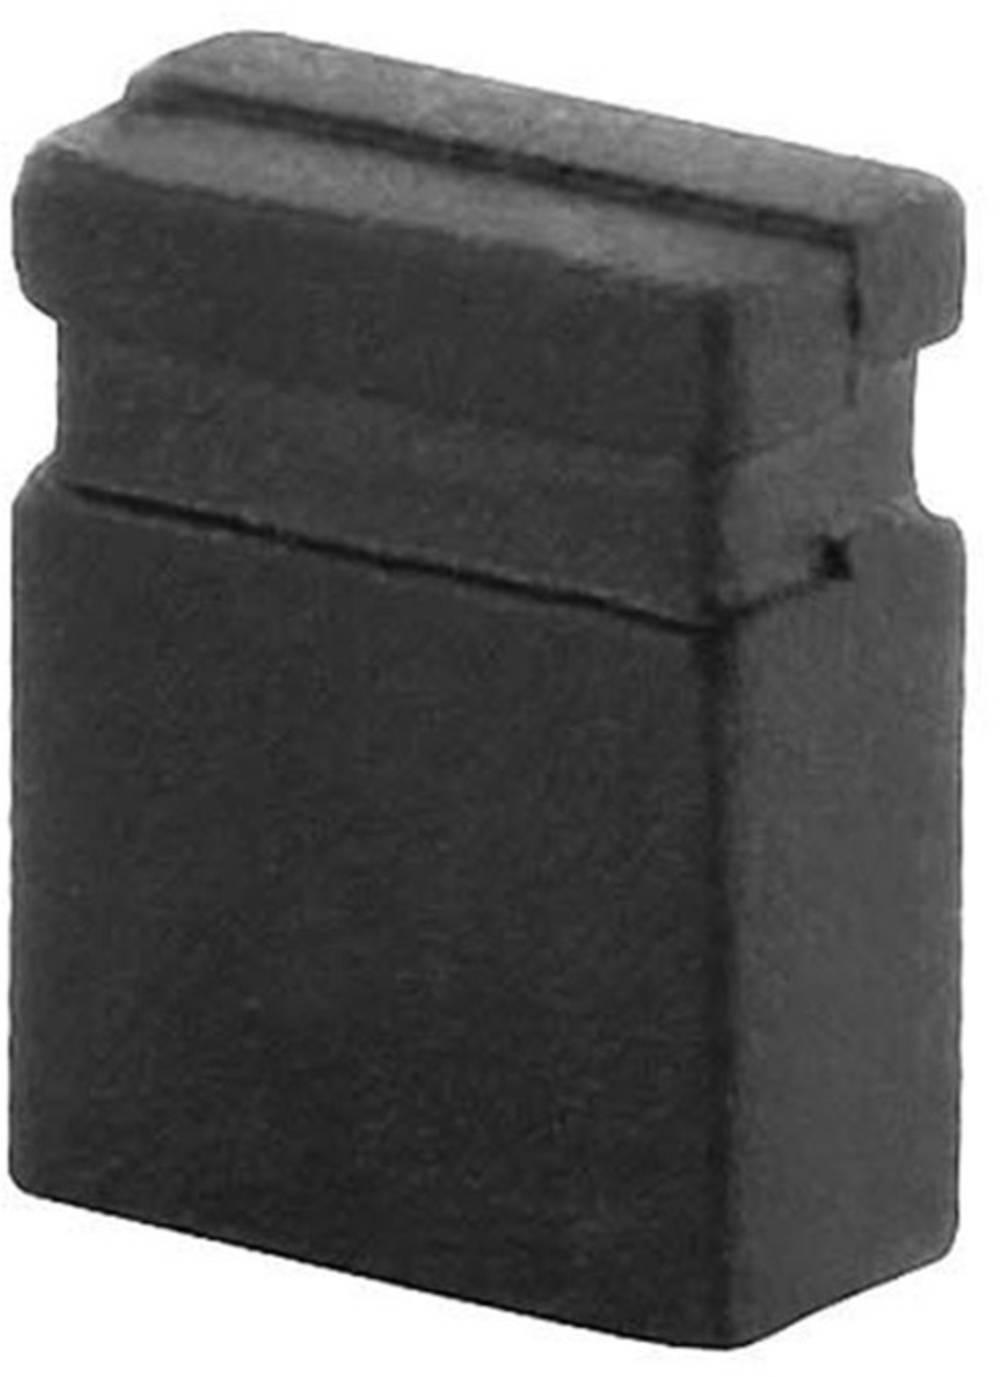 Kortslutningsbro Rastermål: 2 mm Poltal hver række:2 econ connect SHSW/2 Indhold: 1 stk